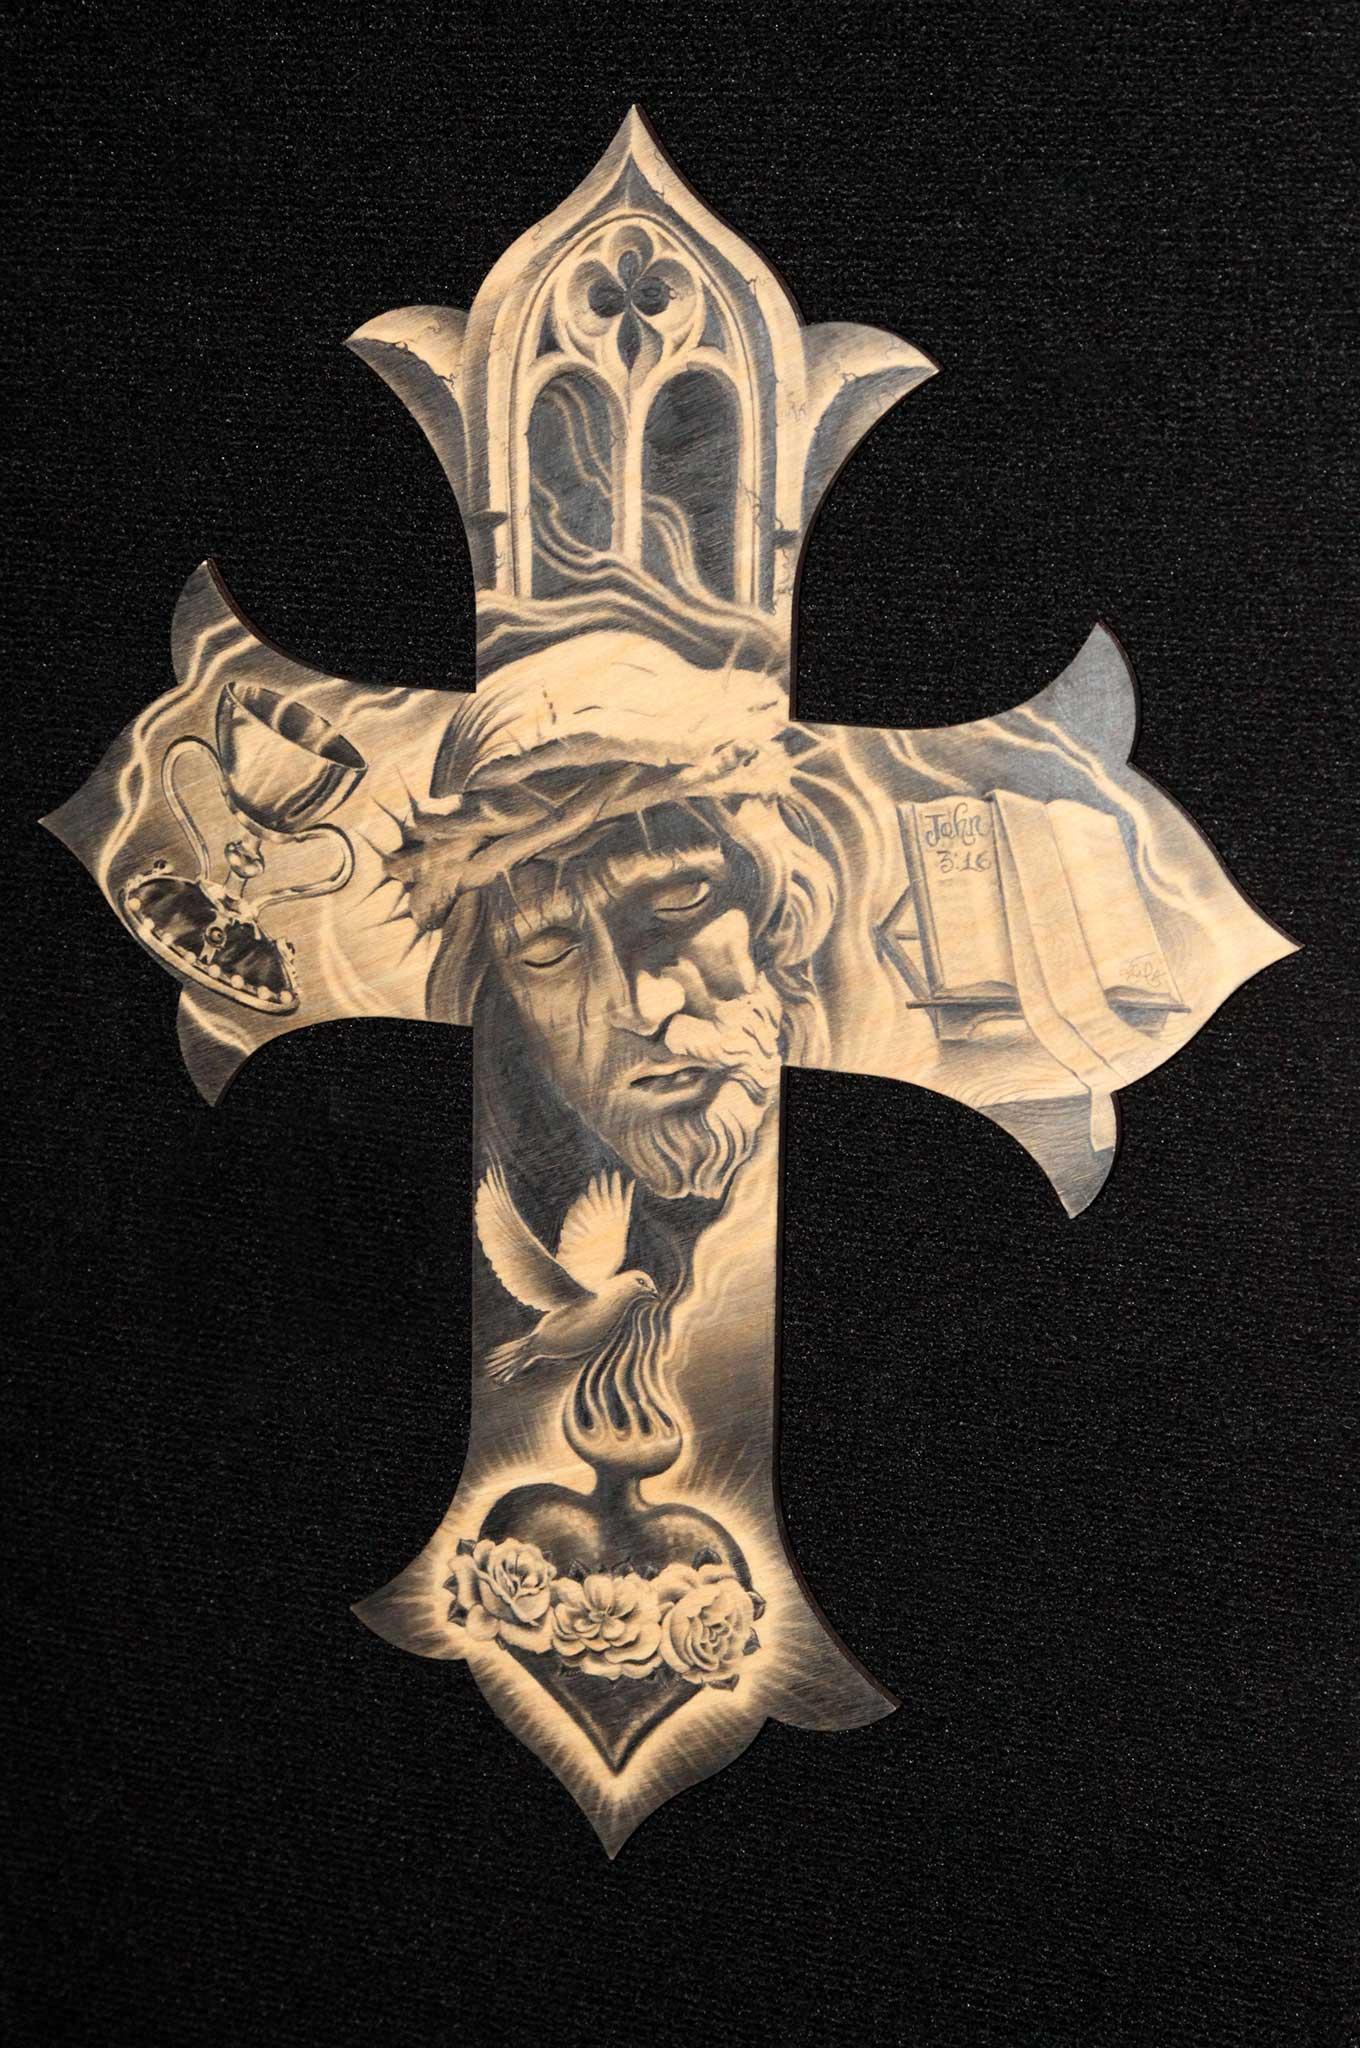 gilbert silas a artist from oxnard